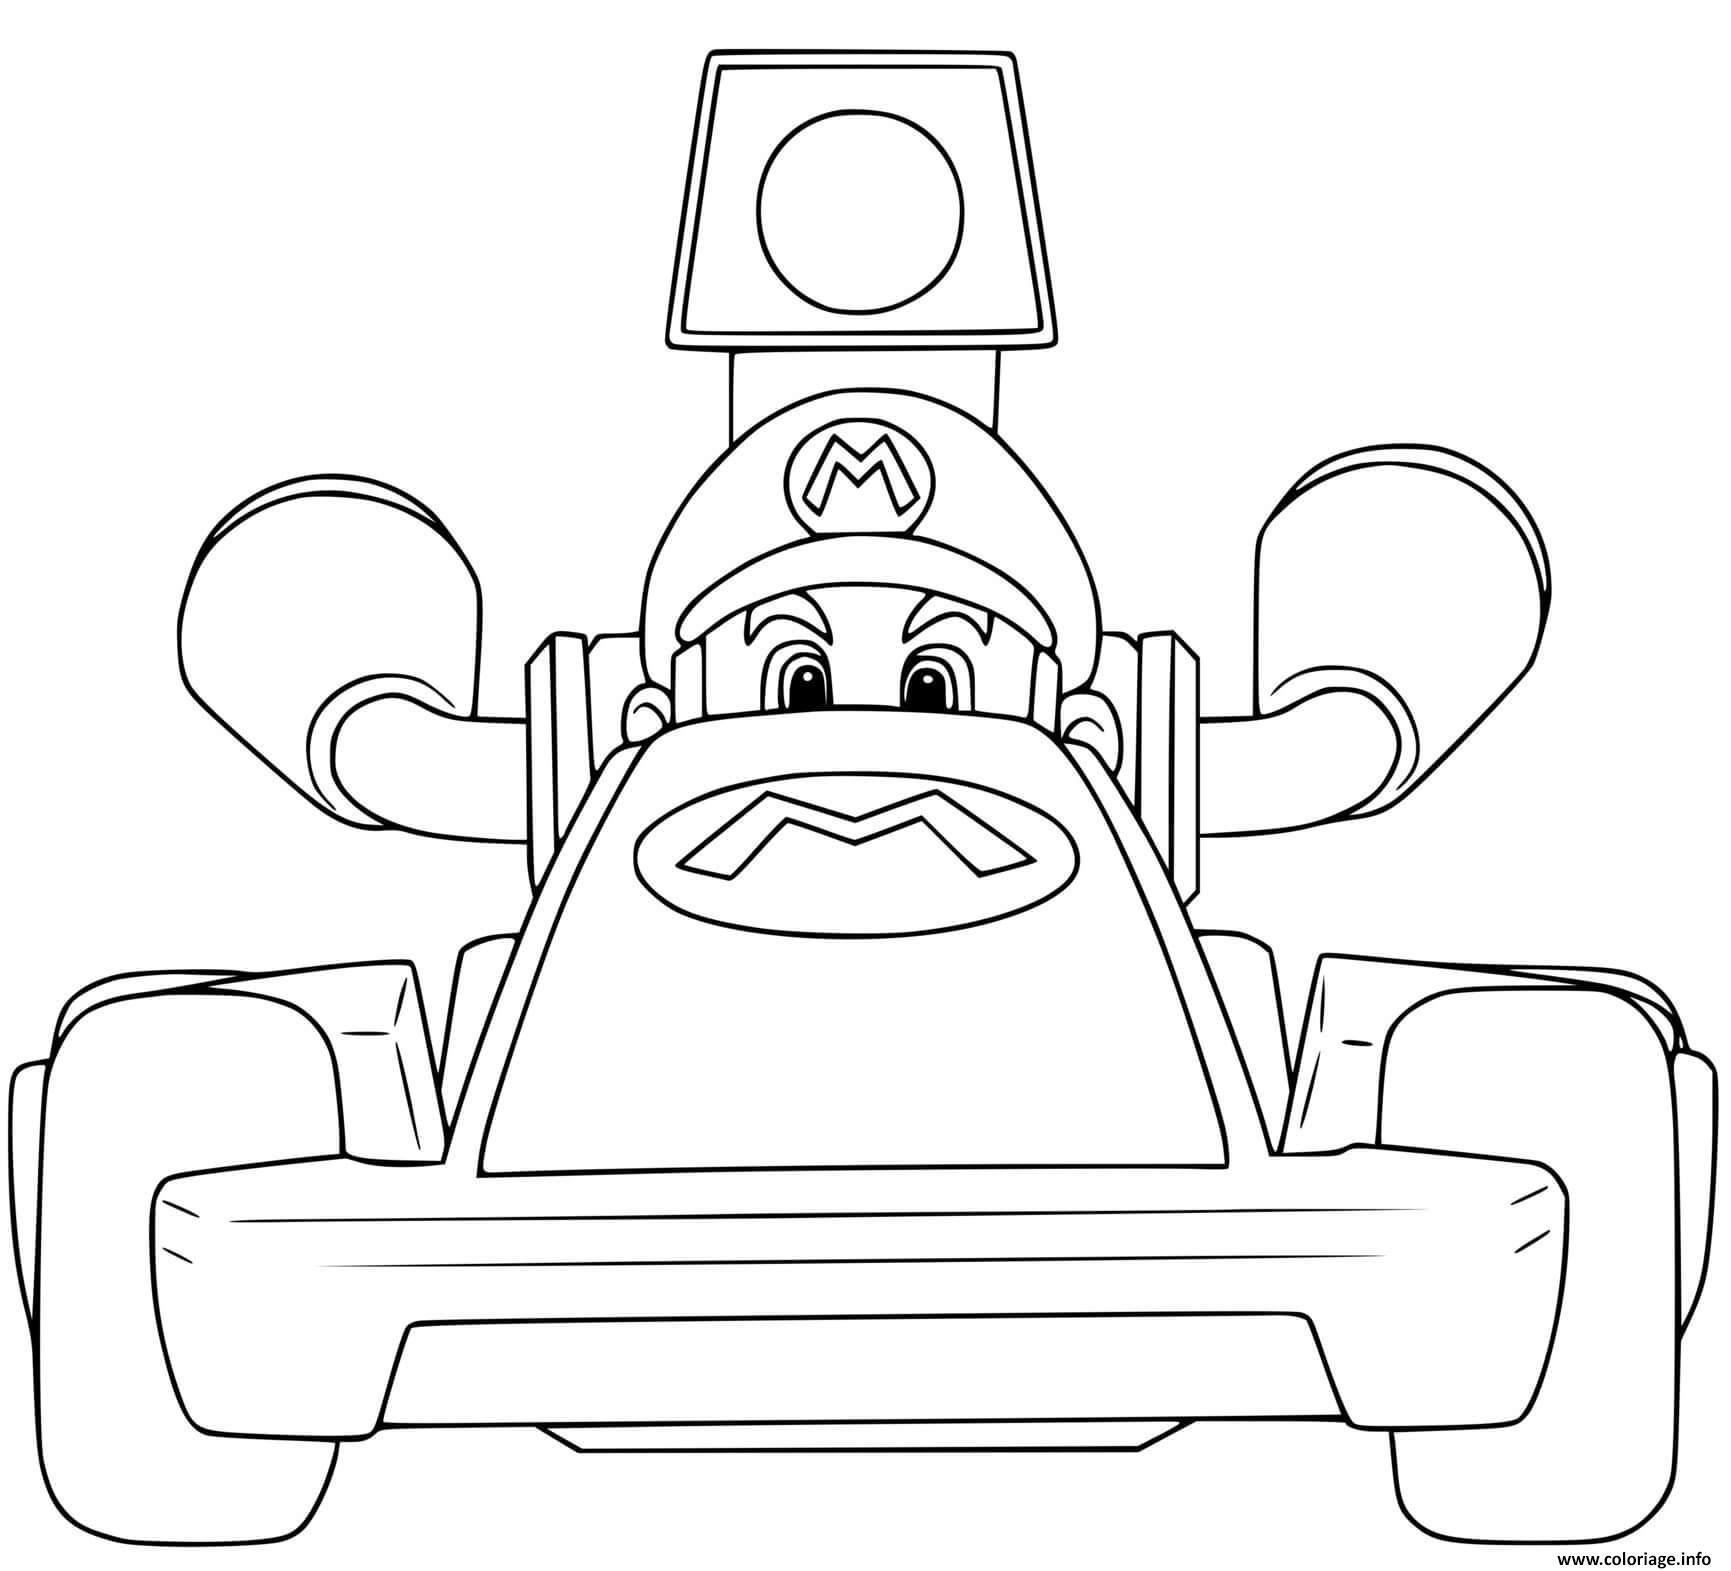 Dessin super mario bros kart voiture rapide Coloriage Gratuit à Imprimer